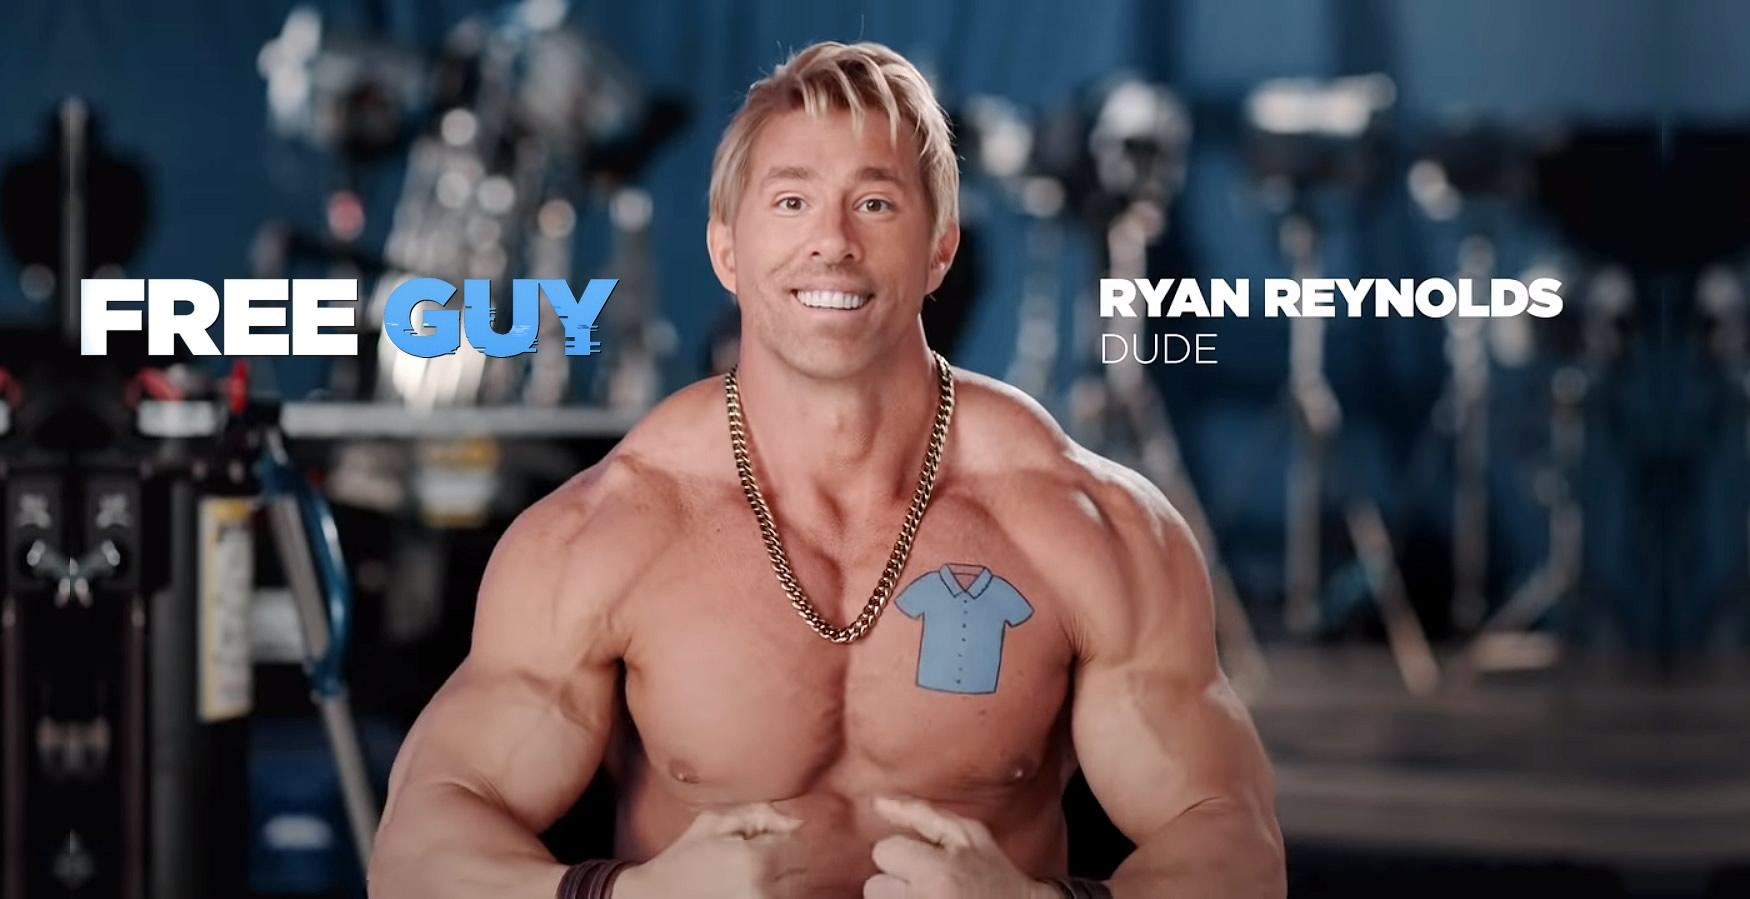 FREE GUY | Ryan Reynolds aparece como DUDE a versão bombada dele mesmo